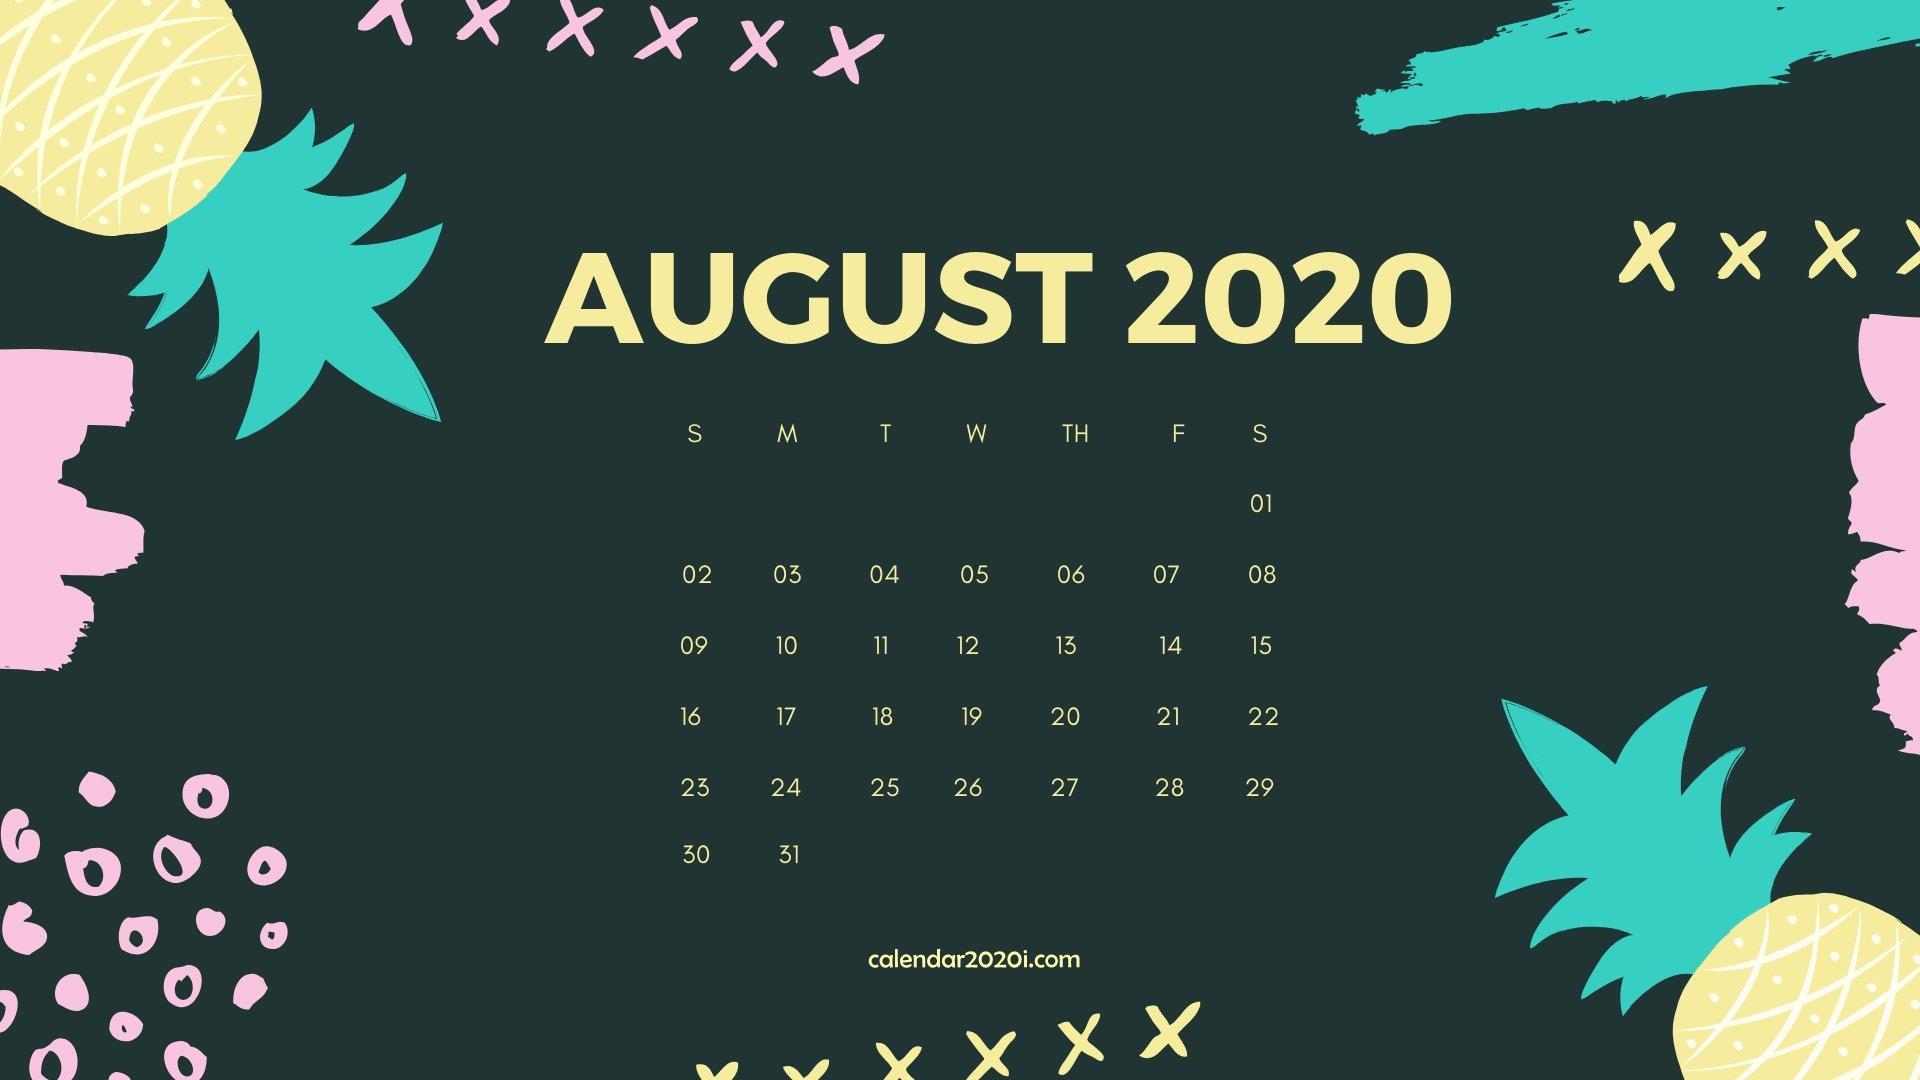 August 2020 Calendar Desktop Wallpaper